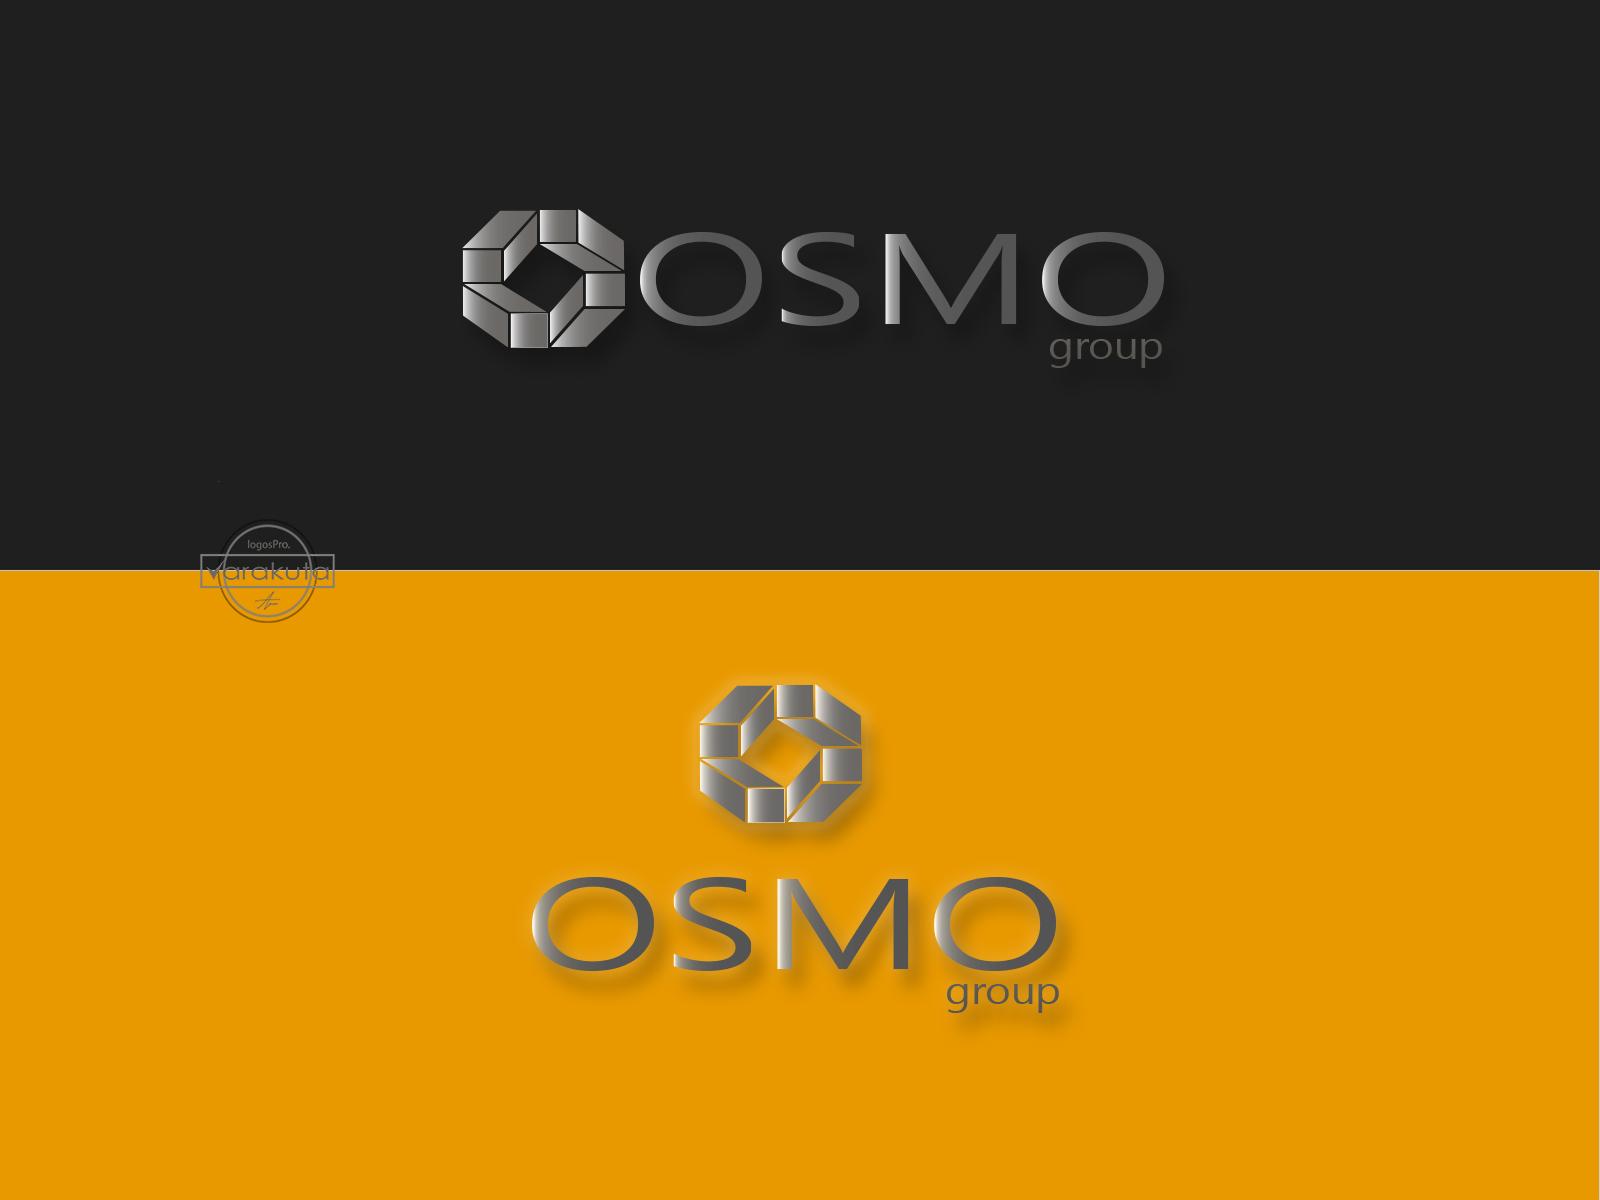 Создание логотипа для строительной компании OSMO group  фото f_99359b6b9da5066d.jpg